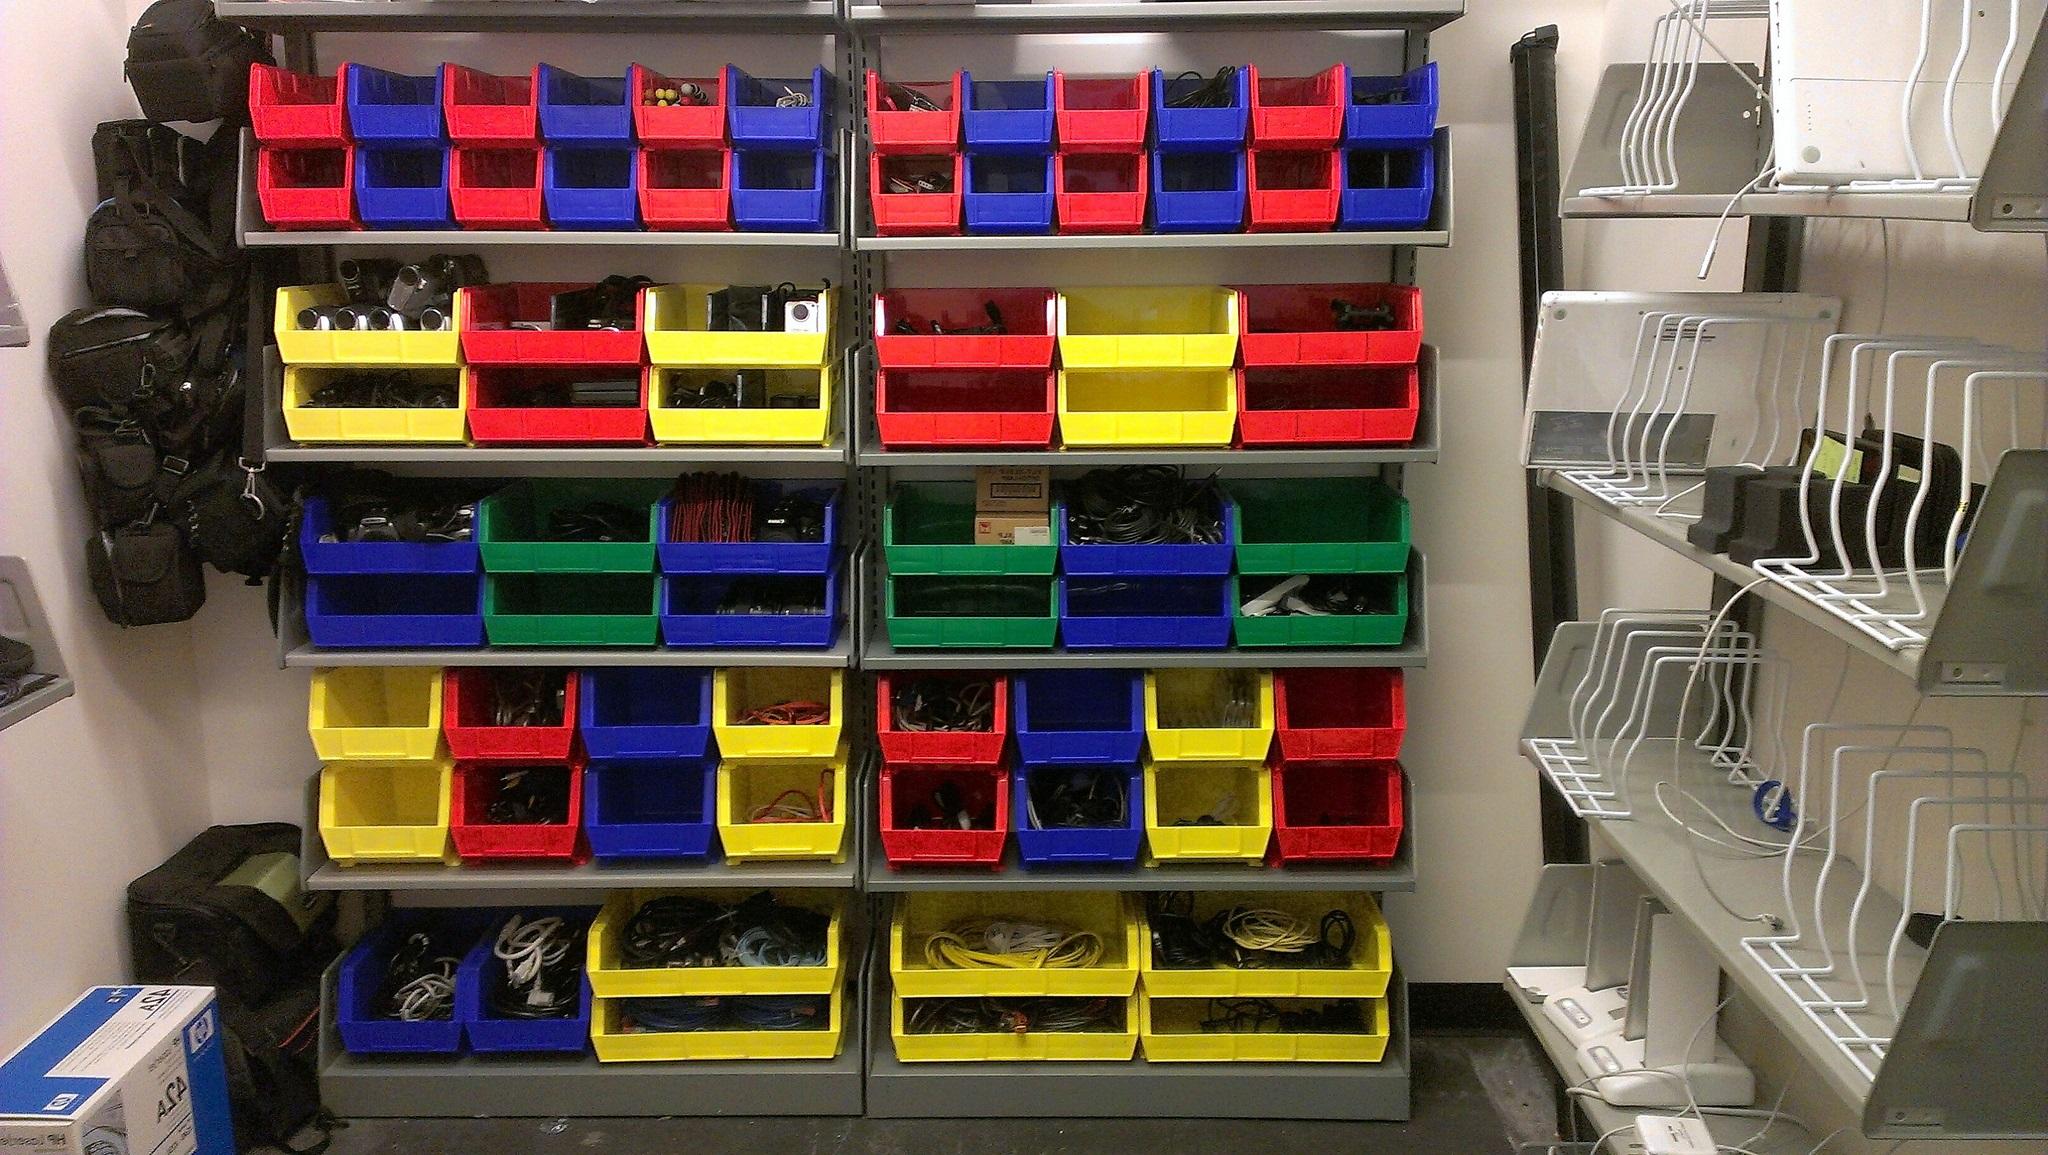 Системы хранения: фото, виды, мебель, материалы, польза